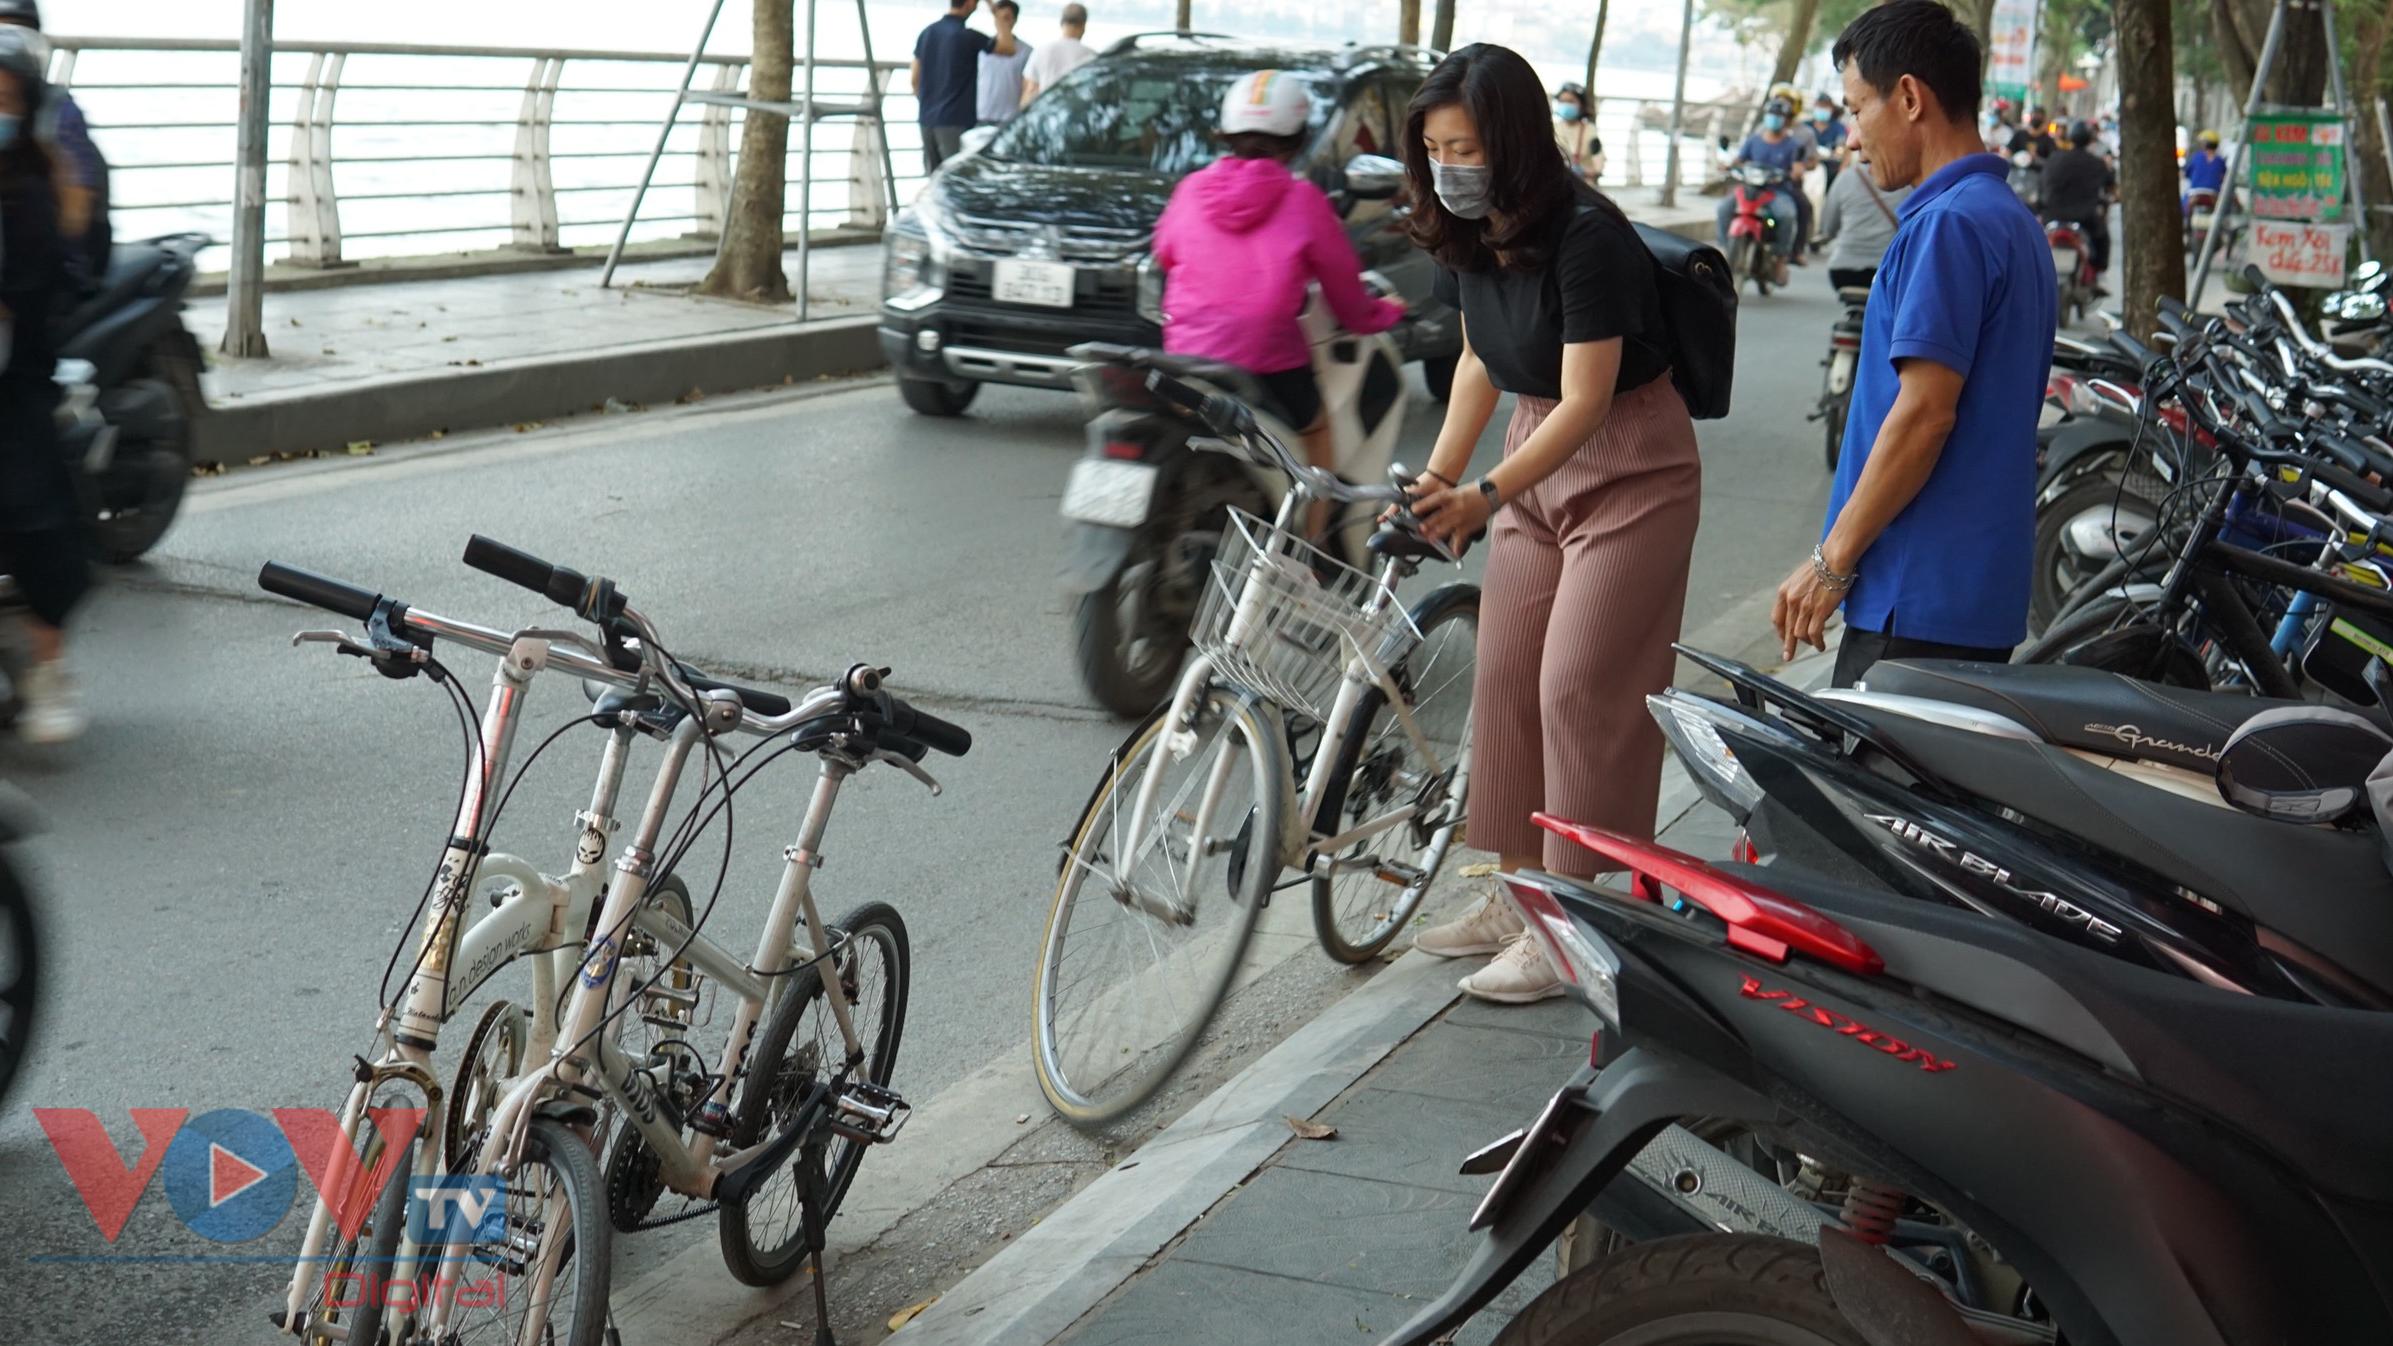 Trào lưu đạp xe hồ Tây thu hút các bạn trẻ - Ảnh 1.